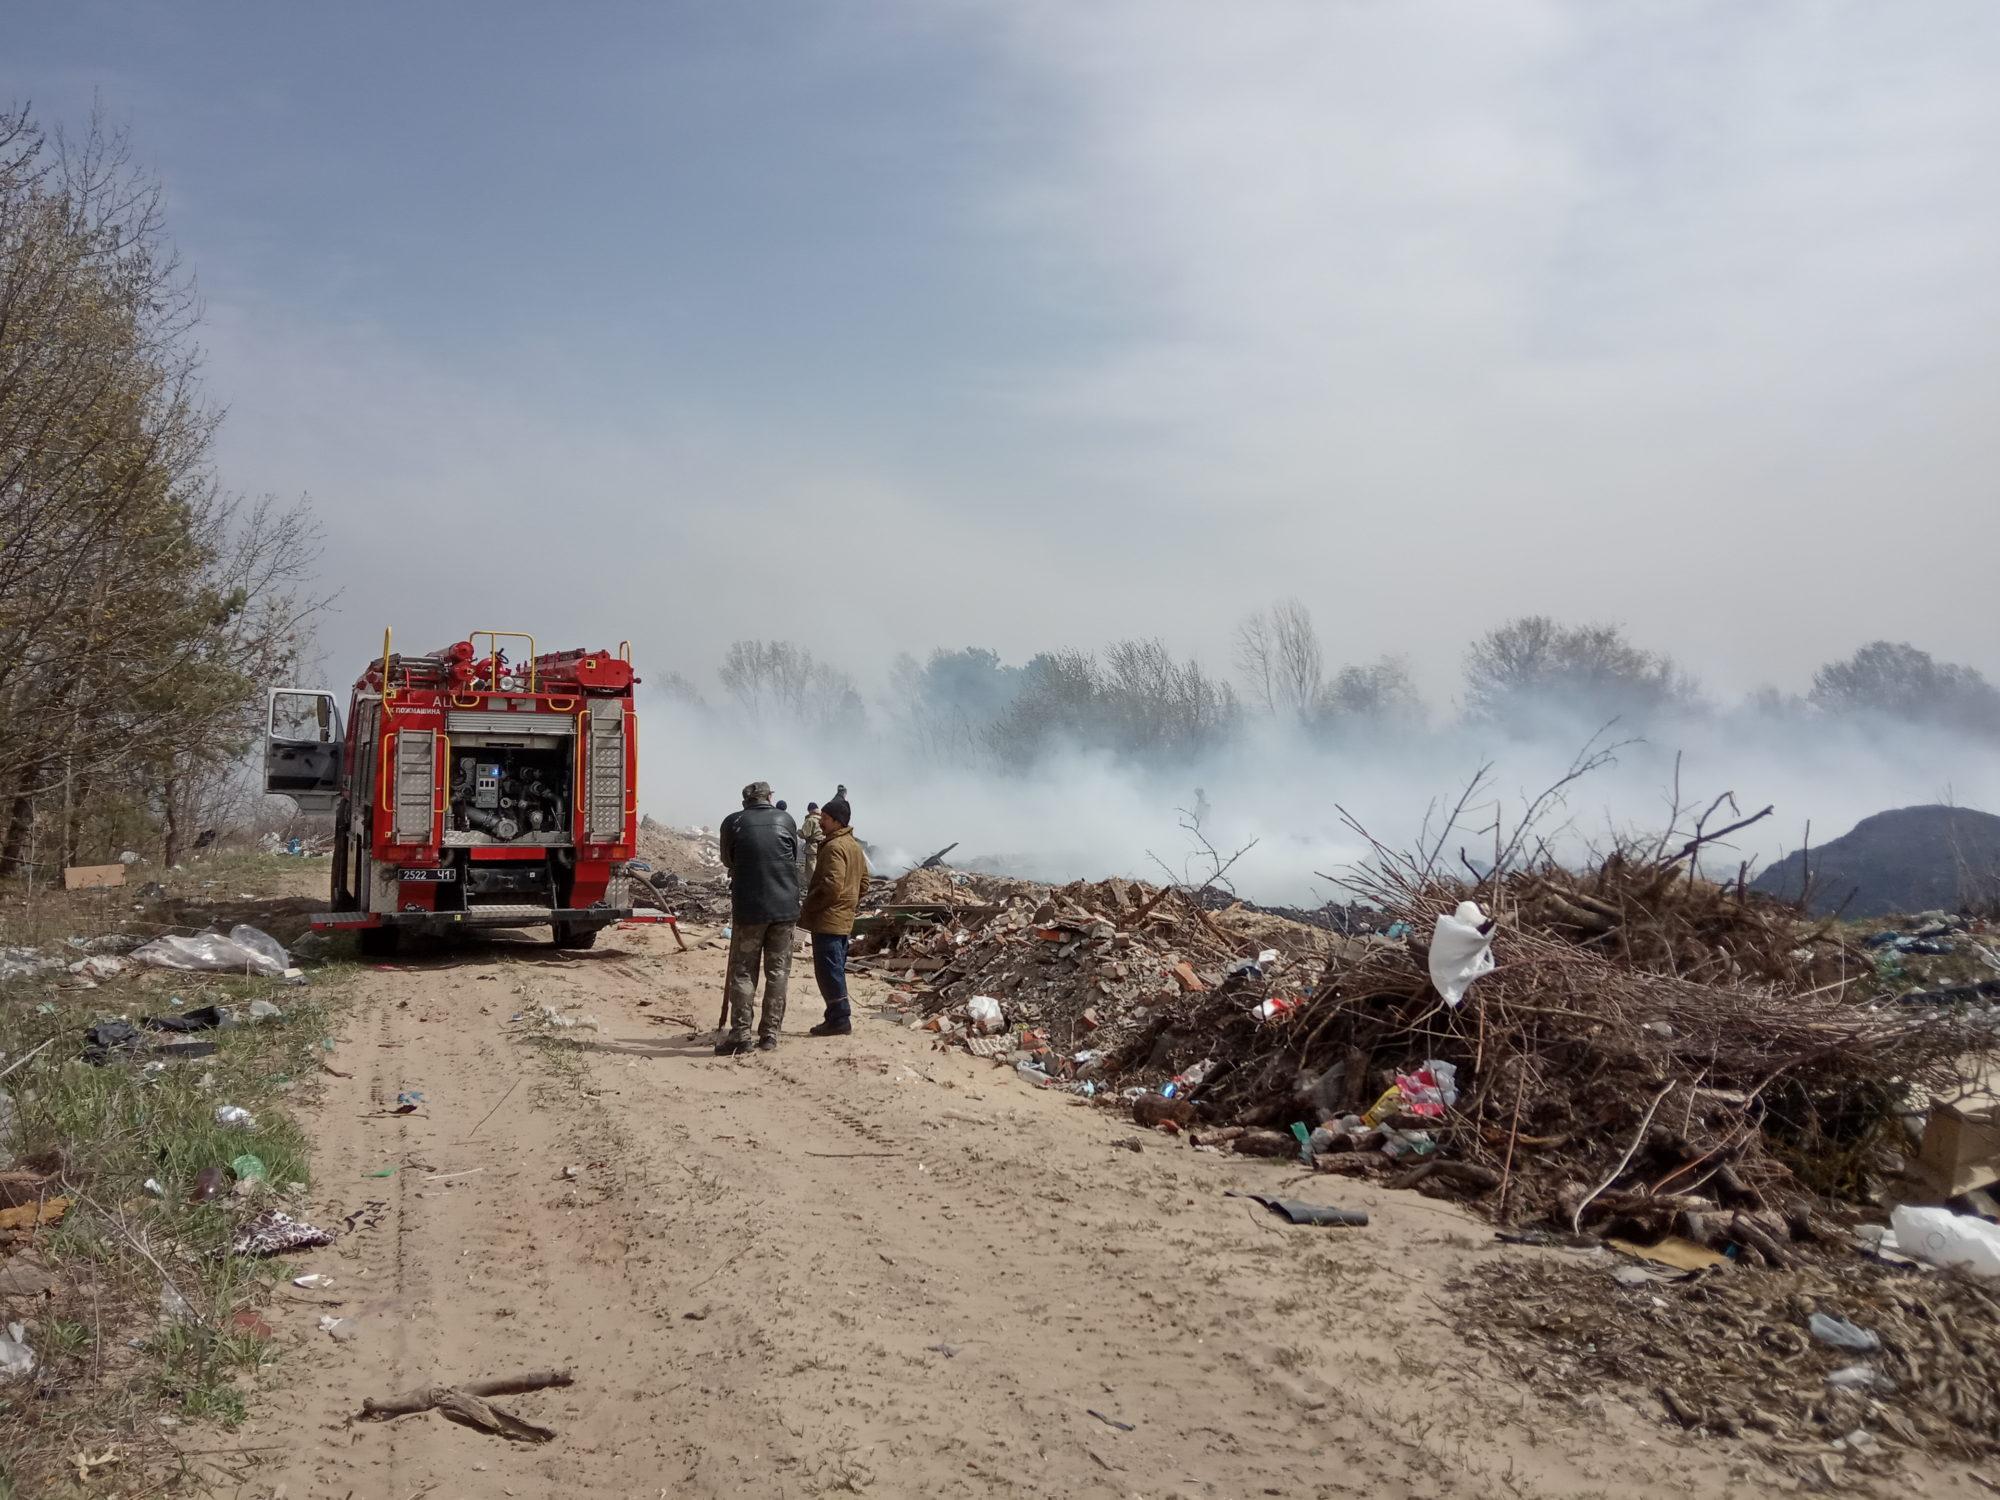 На Іванківщині горіли гектари лісової підстилки, зелених насаджень та сміття -  - IMG 20200416 135506 2000x1500